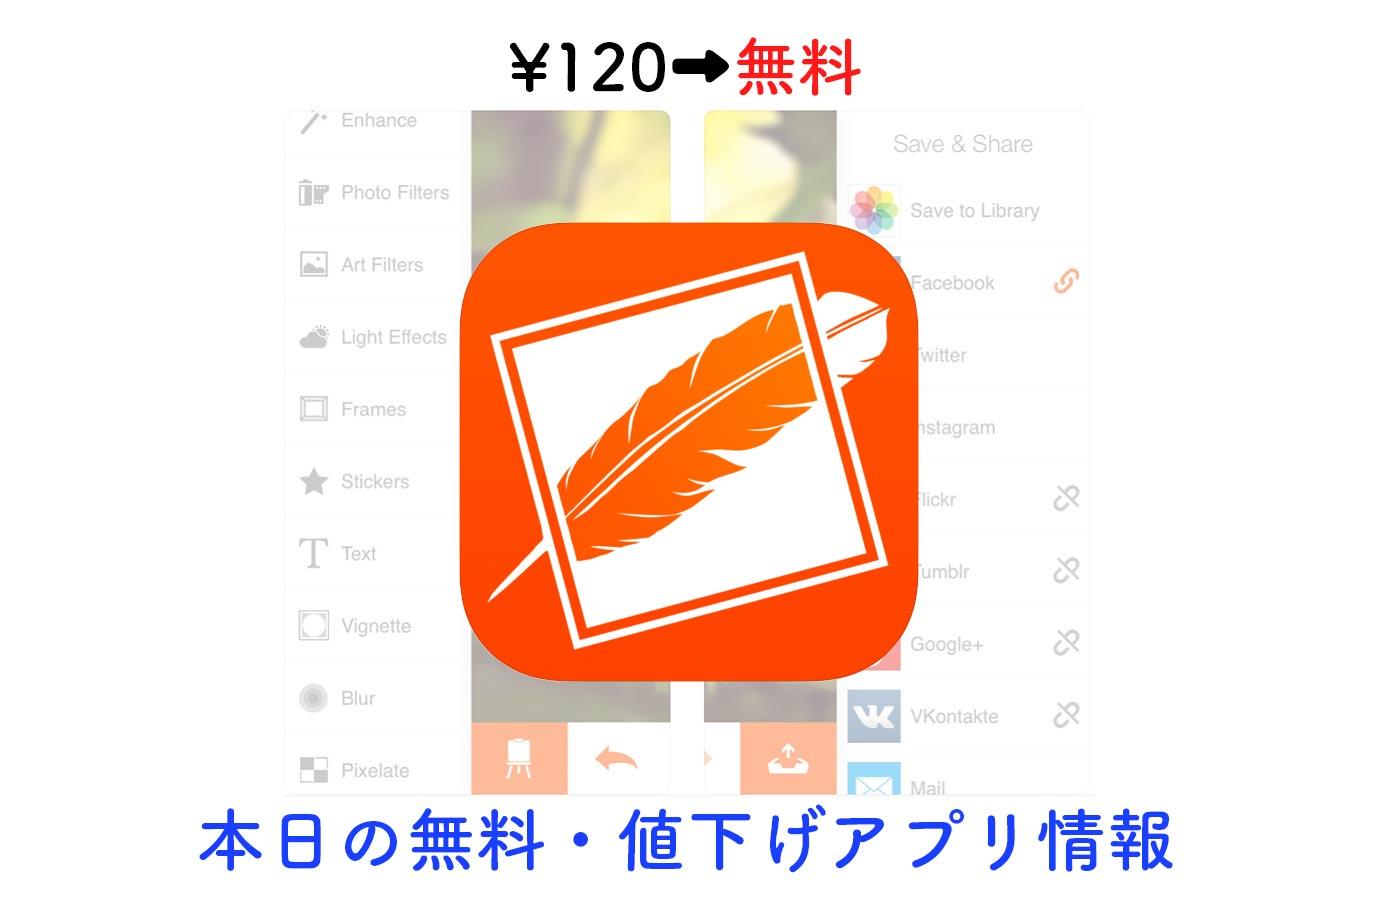 120円→無料、様々なエフェクトなどが搭載された高機能写真編集アプリ「Phoenix Photo Editor」など【5/24】セールアプリ情報